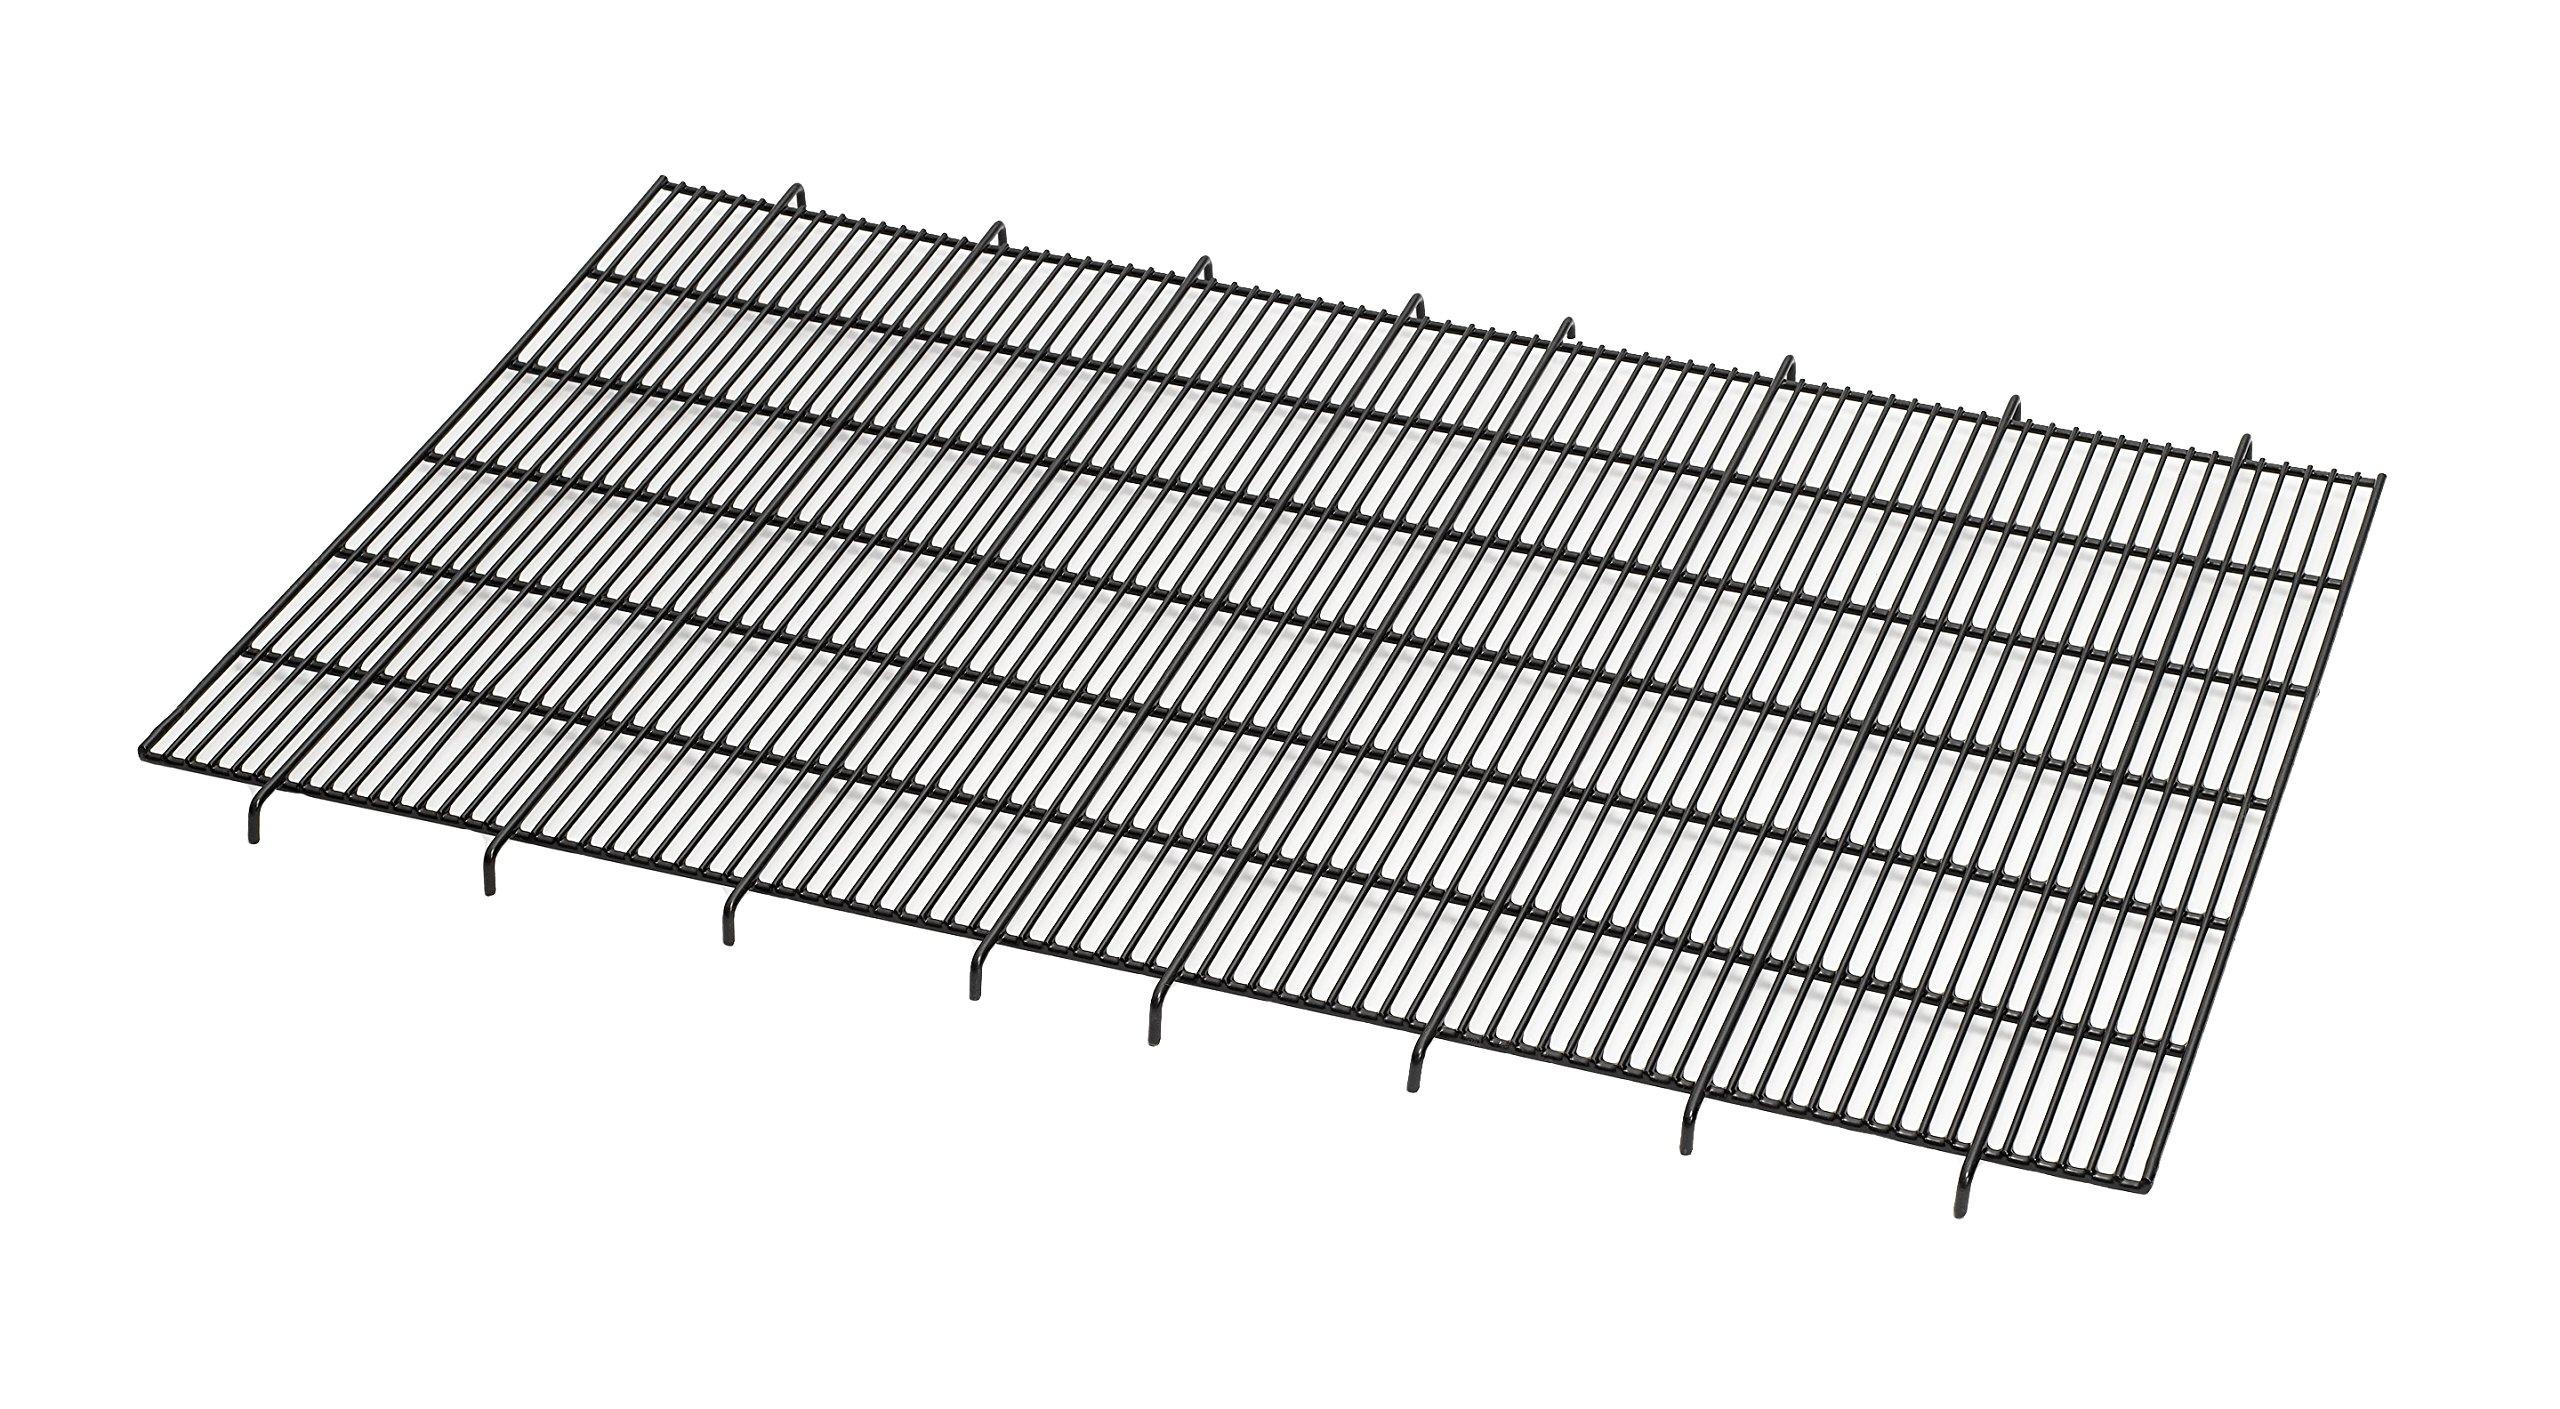 Floor Grid for Dog Crate | Elevated Floor Grid Fits MidWest Folding Metal Dog Crate Models 1548U, 1548DDU, 1648U, 1648DDU, 748UP, 448, 448DD